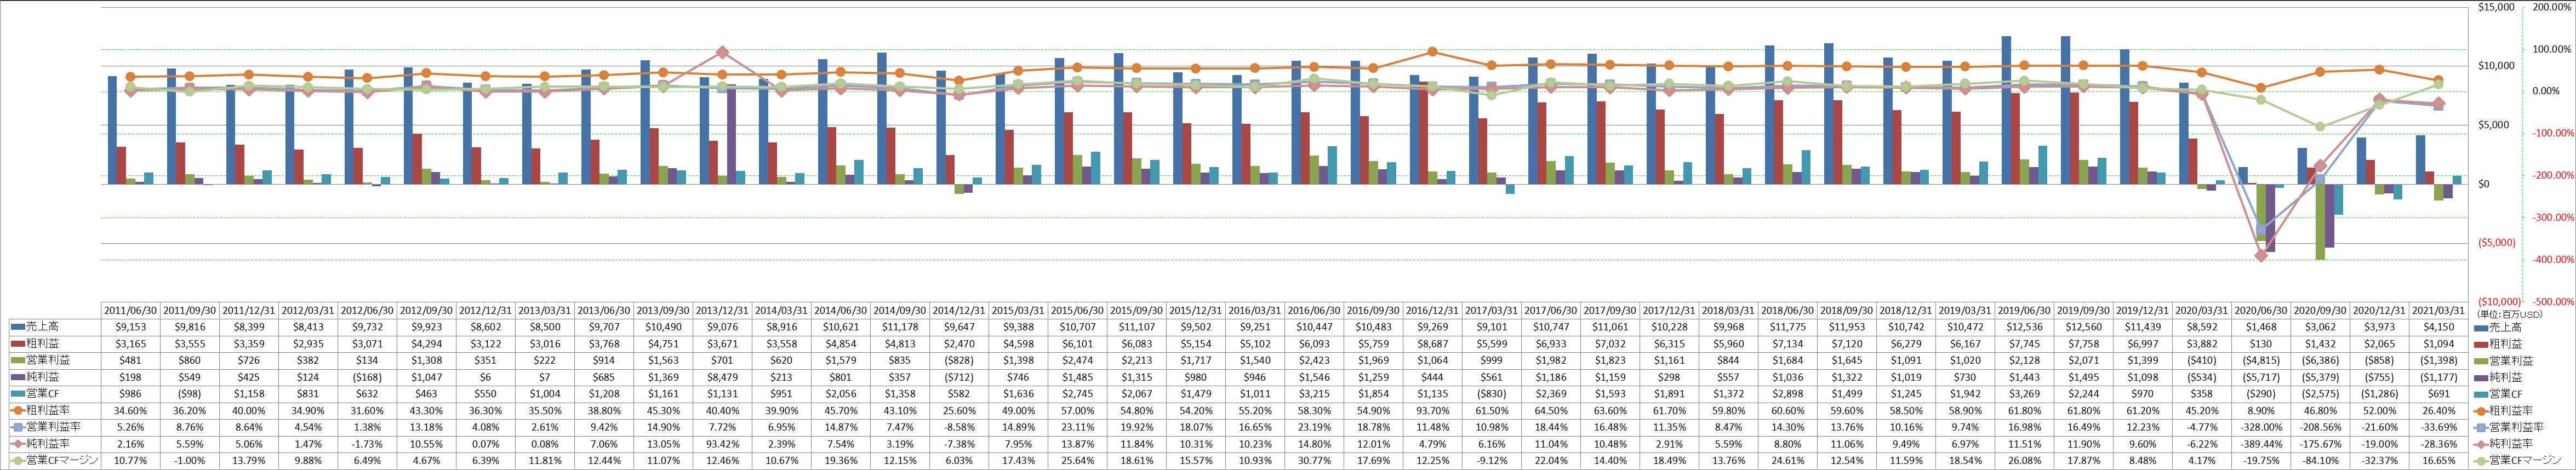 デルタ 航空 株価 チャート